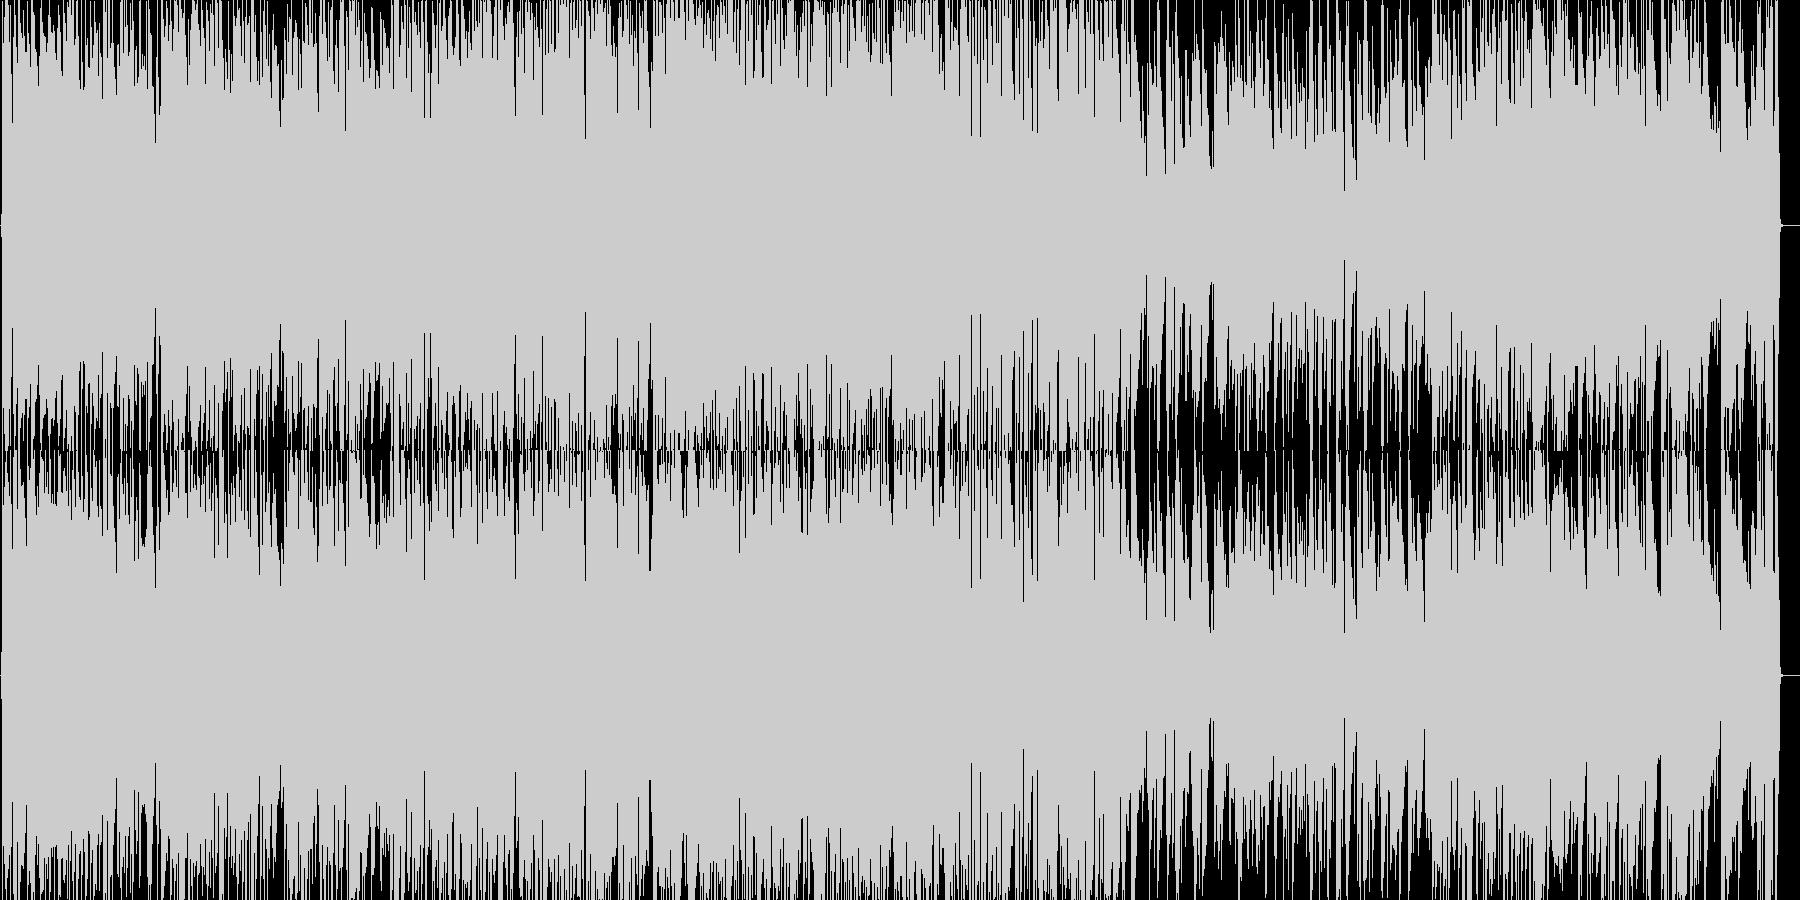 グリーンスリーブスのジャズピアノの未再生の波形